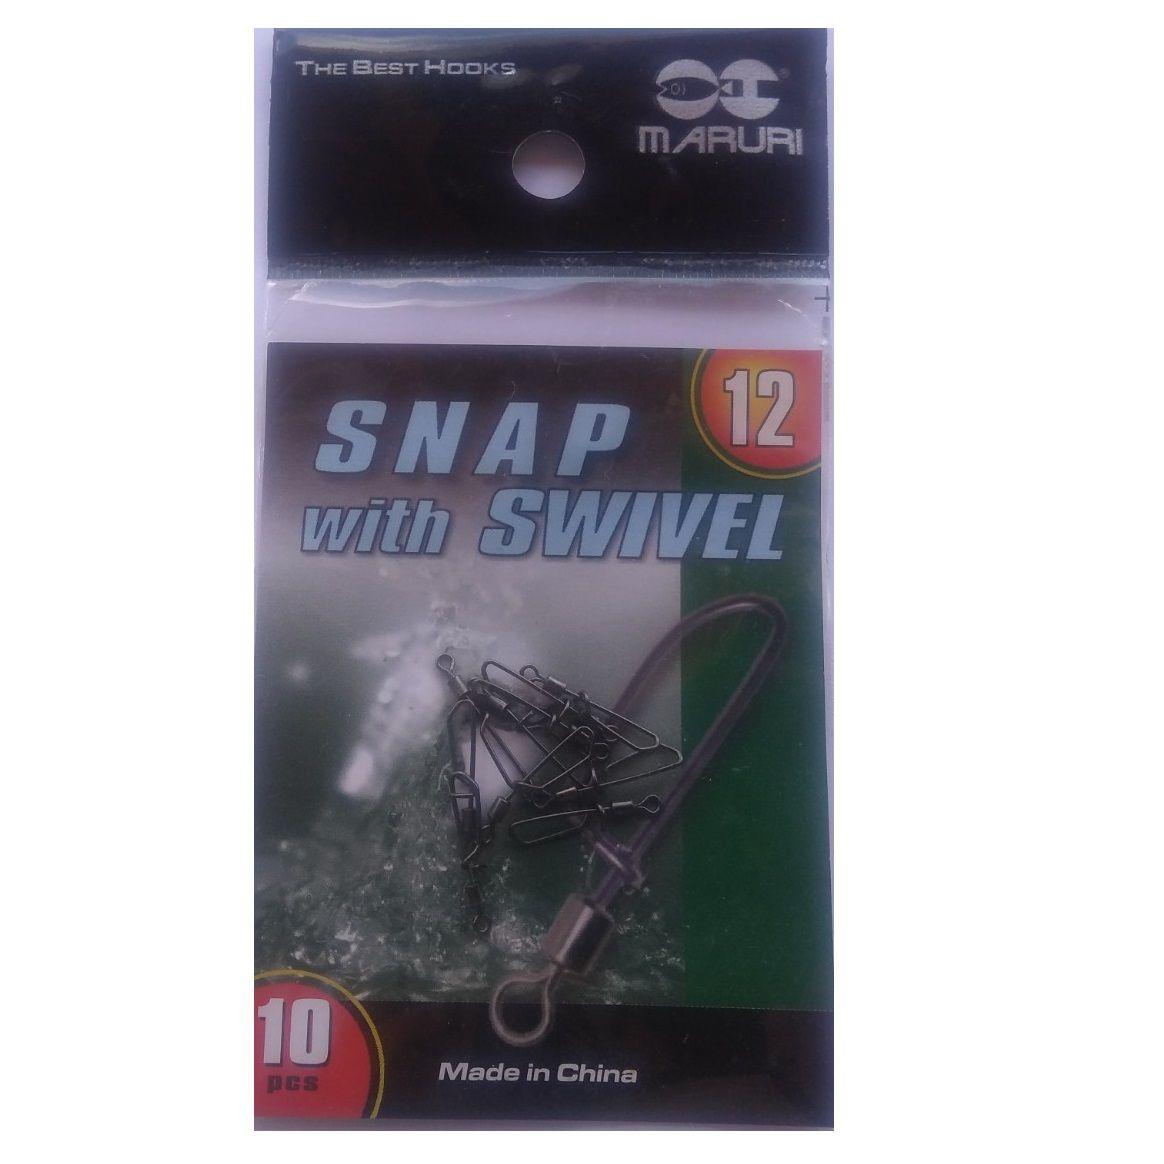 Snap Giratório Maruri Nº 12 (1,8cm) Black Nickel - 10 Peças  - Life Pesca - Sua loja de Pesca, Camping e Lazer